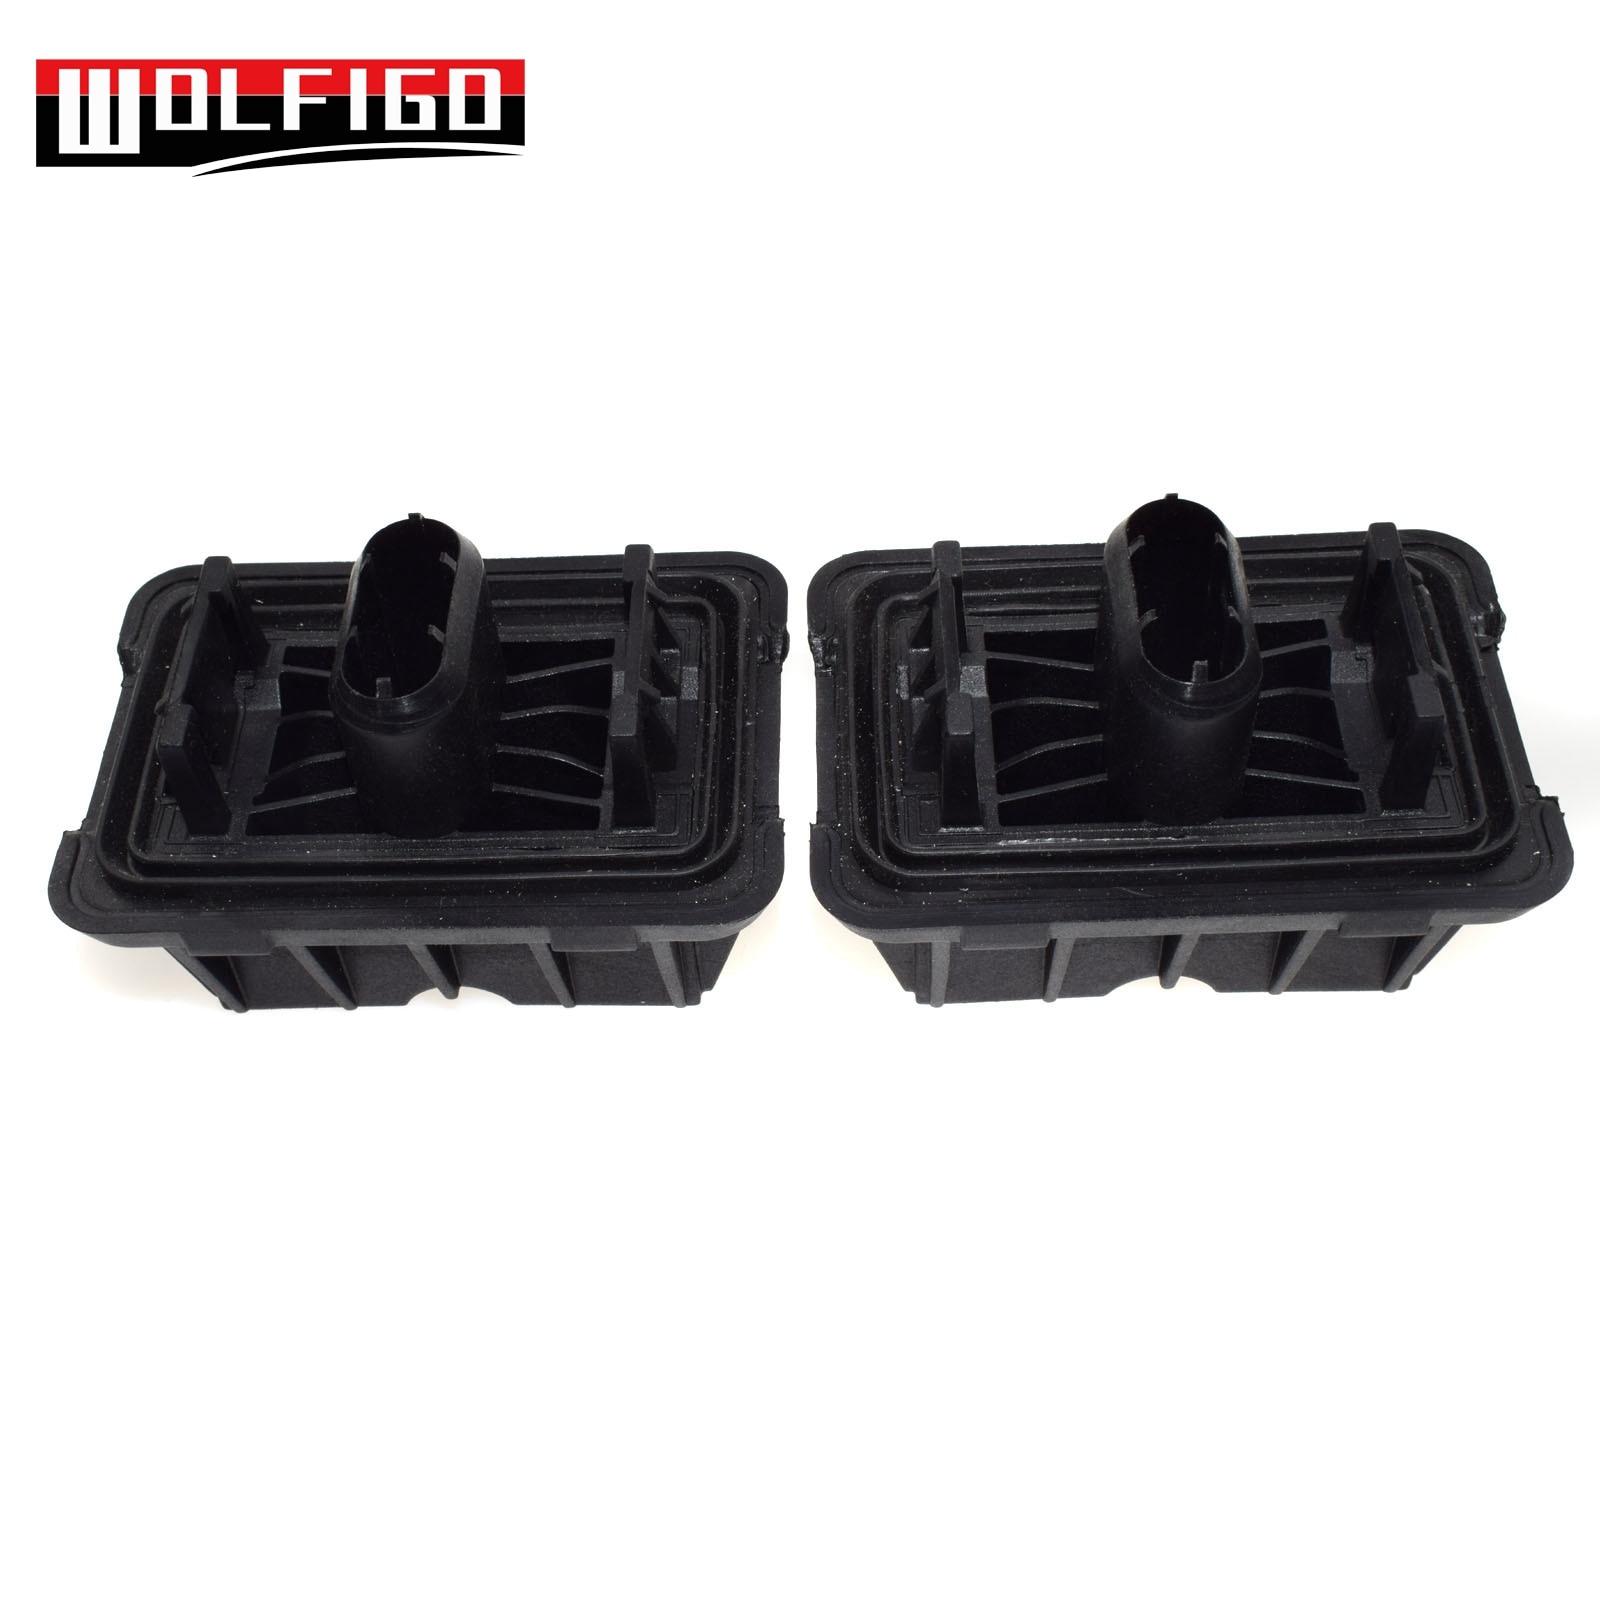 Conjunto WOLFIGO 2PCS Para BMW E82 E90 Jack Almofadas Com Suporte de Carro Para O Levantamento Do Carro 51717237195 Novo